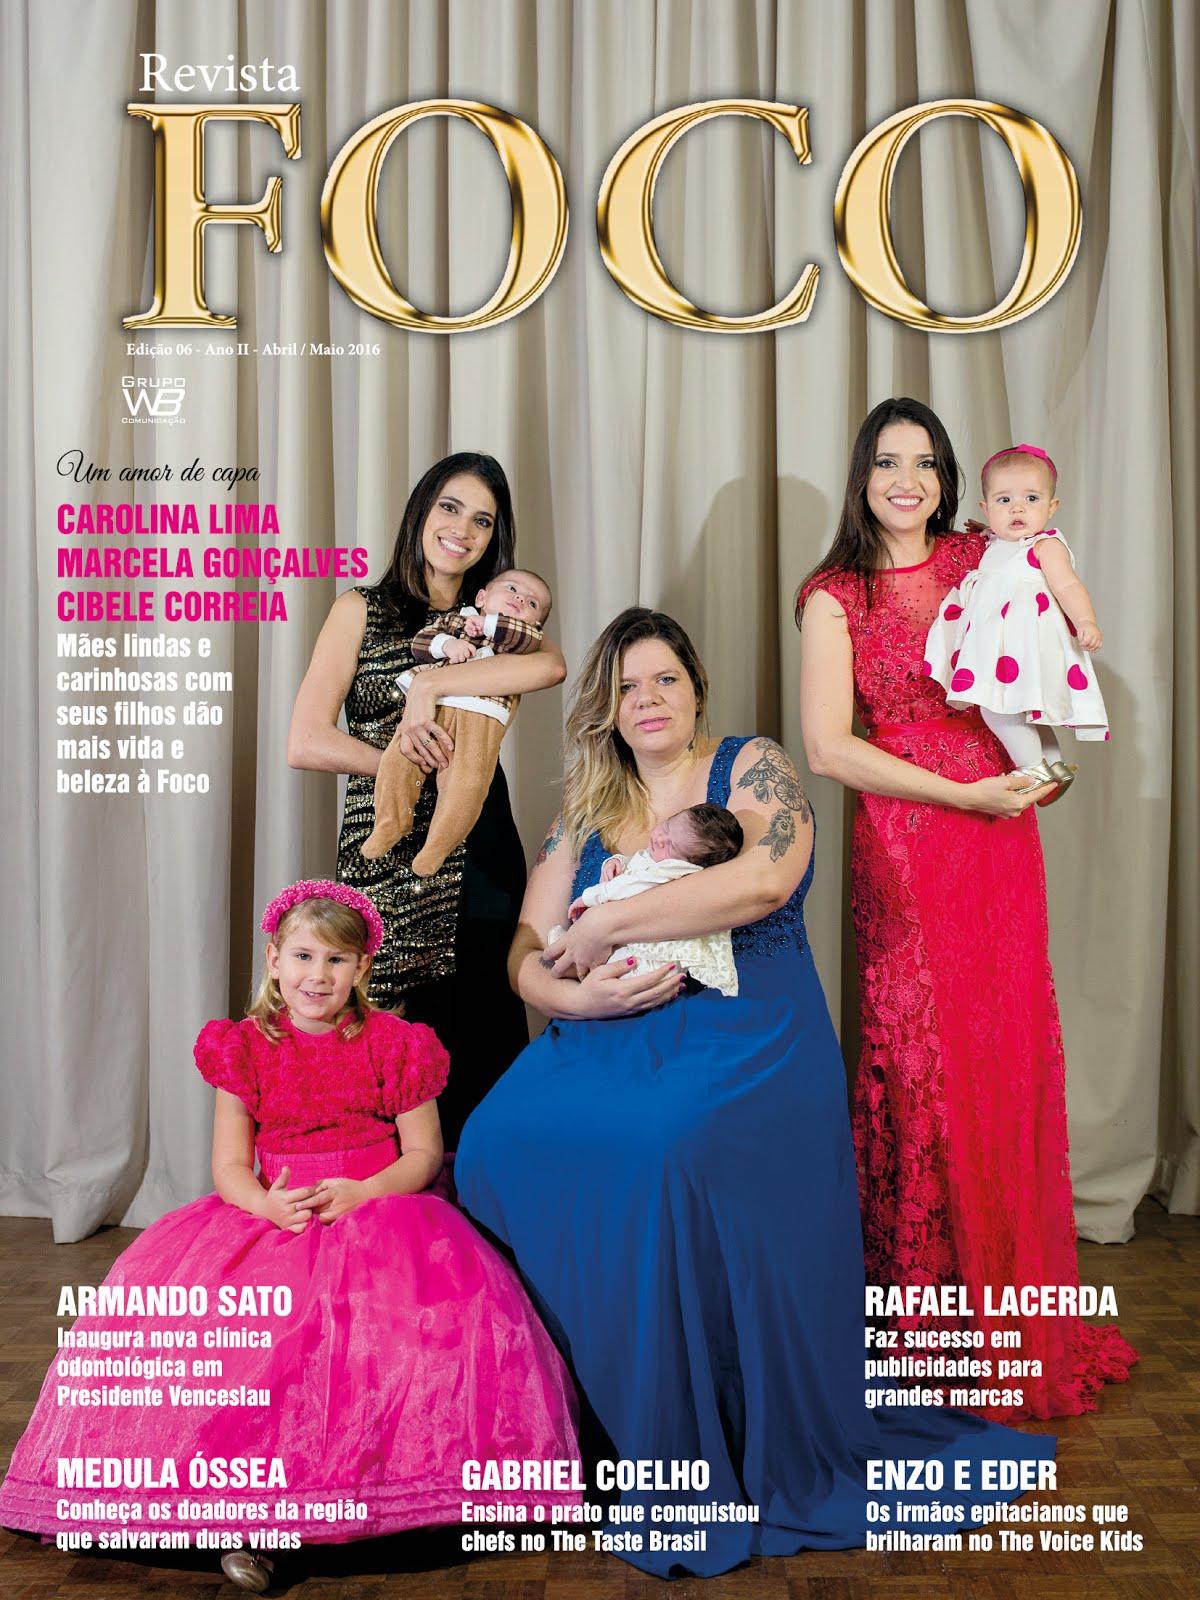 Leia a Revista Foco Abril/Maio 16